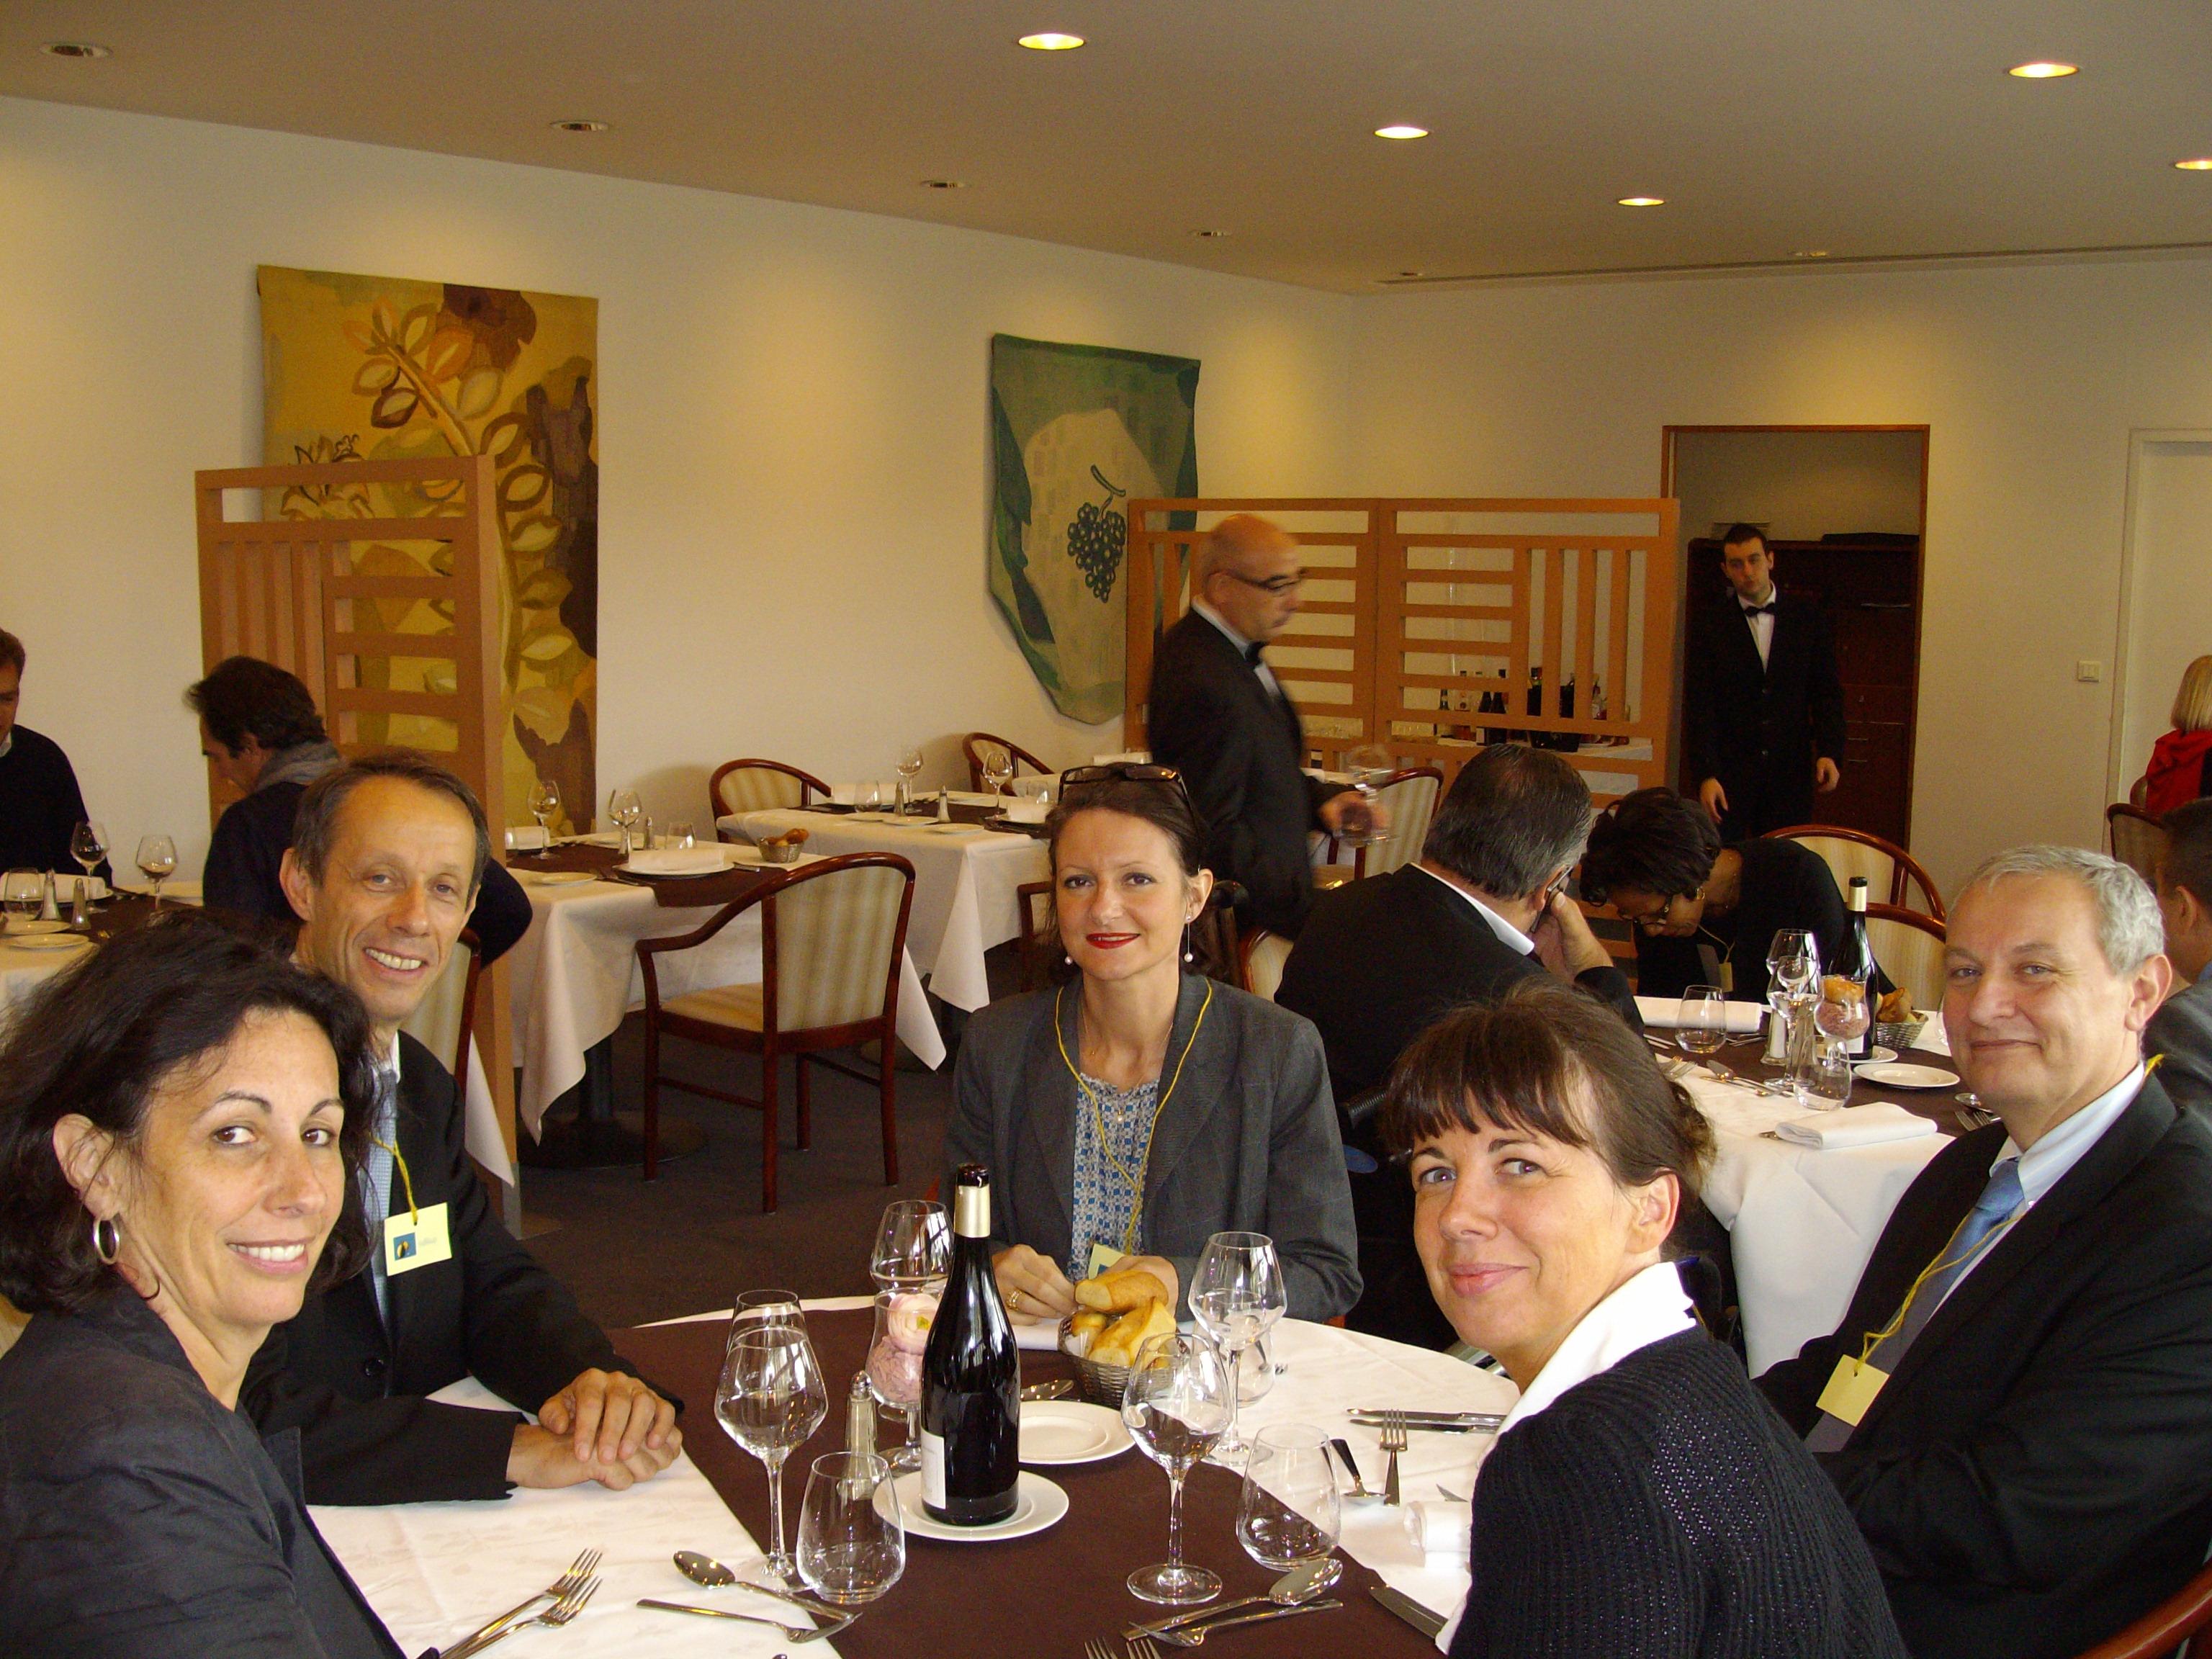 Déjeuner au Restaurant du Conseil Economique, Social et Environnemental: - Isabelle VITTE-BLANCHARD - Yannick GIRAULT - Virginie GOHIN - Patrice ADMENT - Corine NASSOY